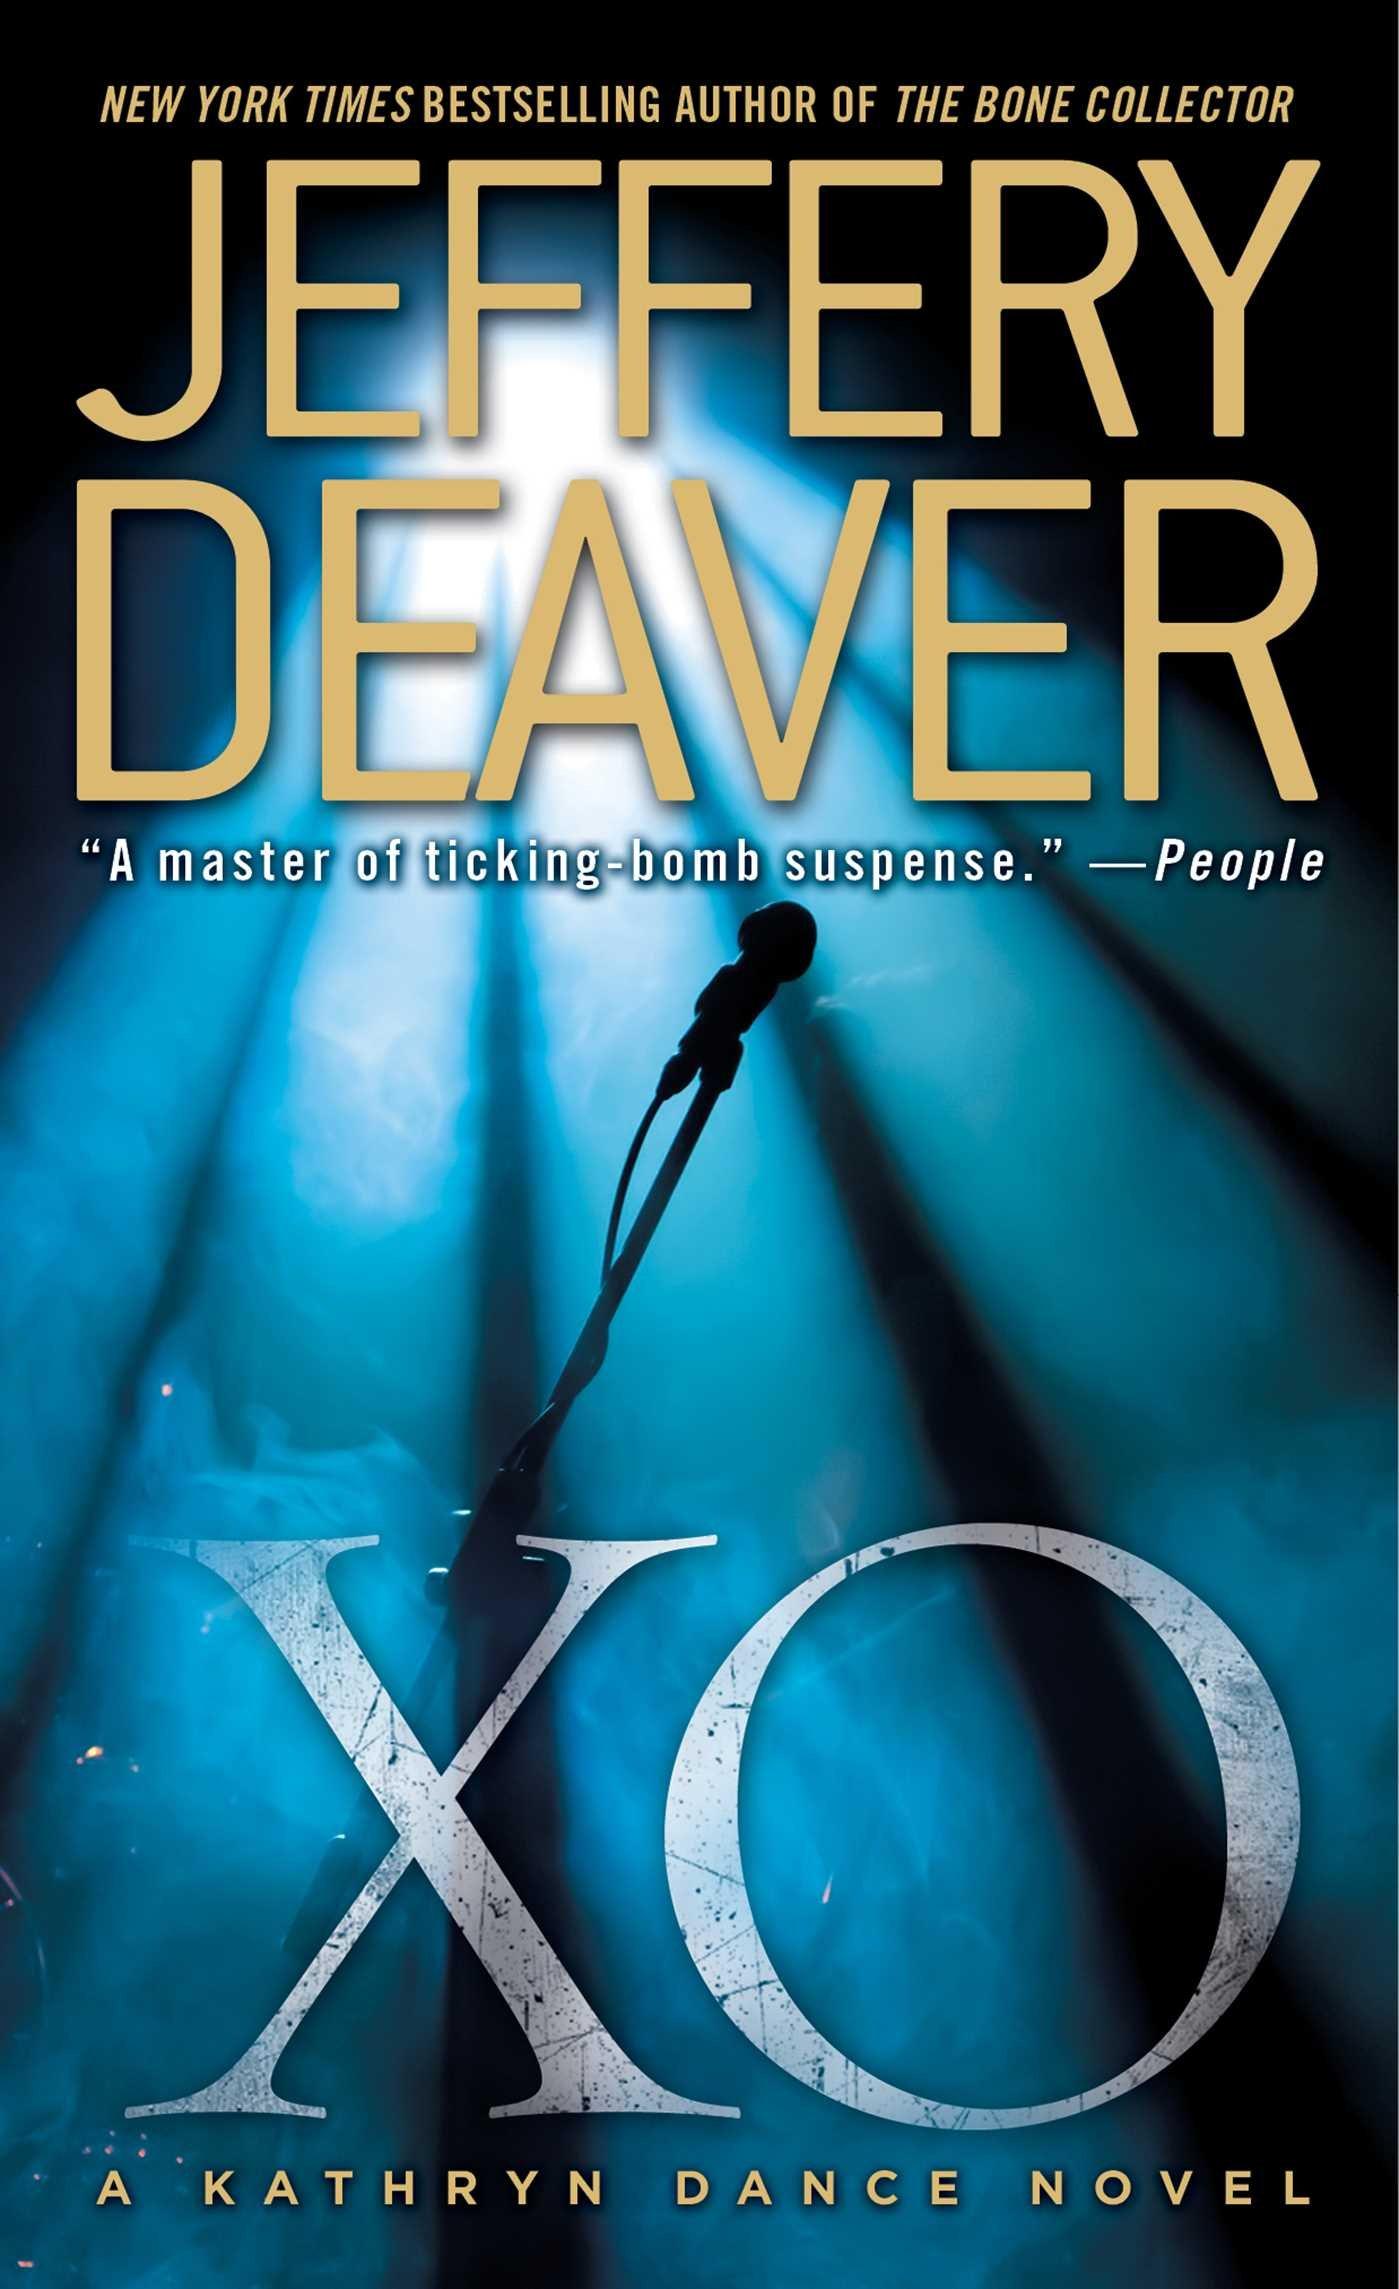 XO: A Kathryn Dance Novel: Jeffery Deaver: 9781501161711: Books - Amazon.ca